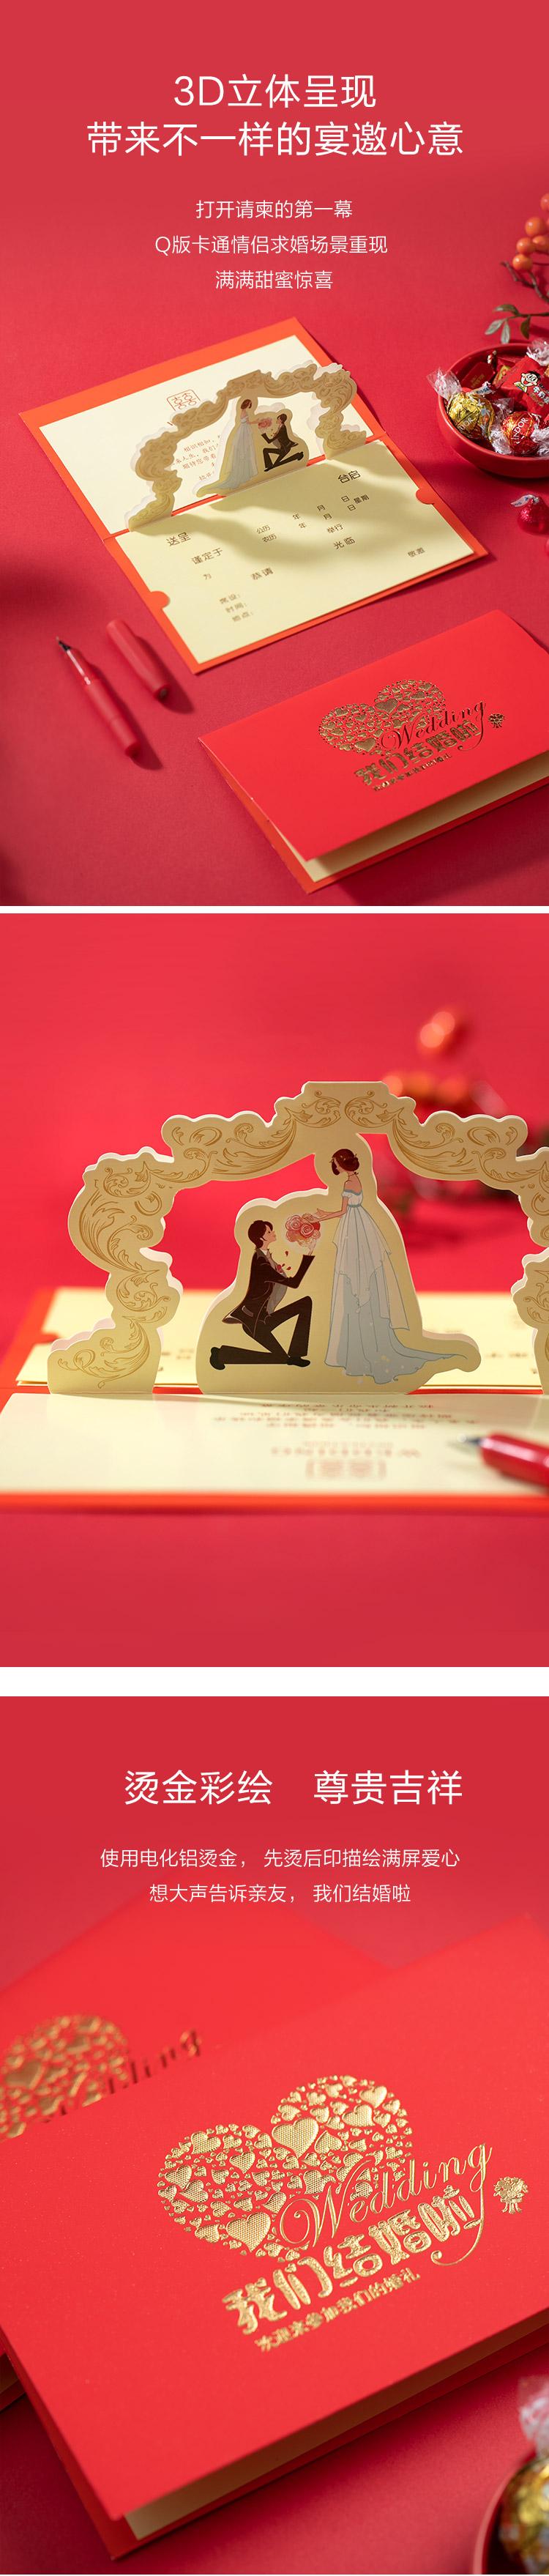 【预售】甜蜜求婚3D请柬 抖音爆款